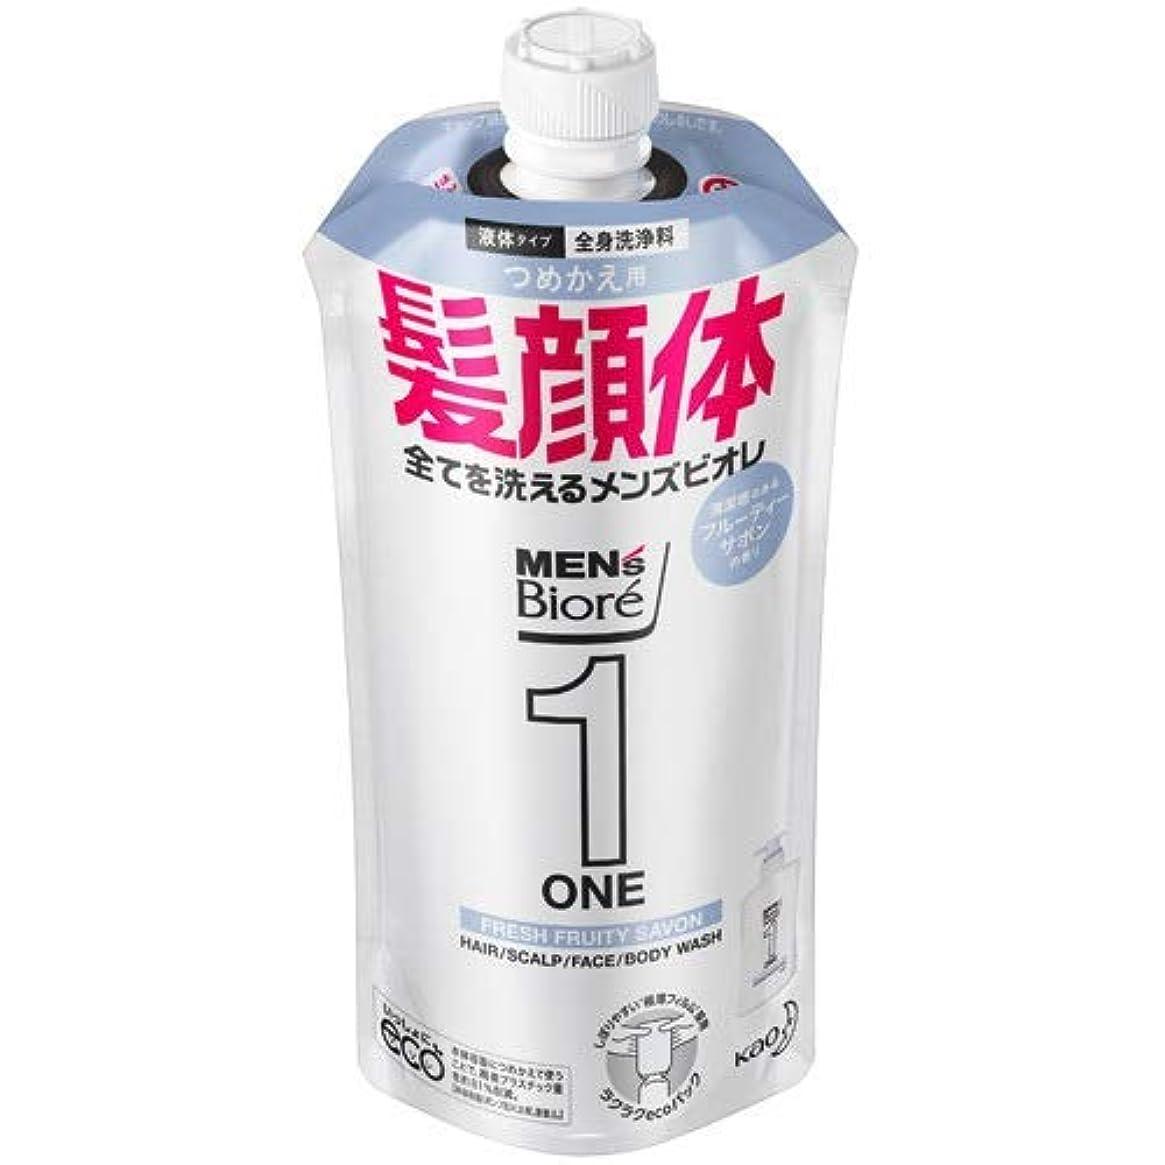 滝処分した真面目な【10個セット】メンズビオレONE オールインワン全身洗浄料 清潔感のあるフルーティーサボンの香り つめかえ用 340mL